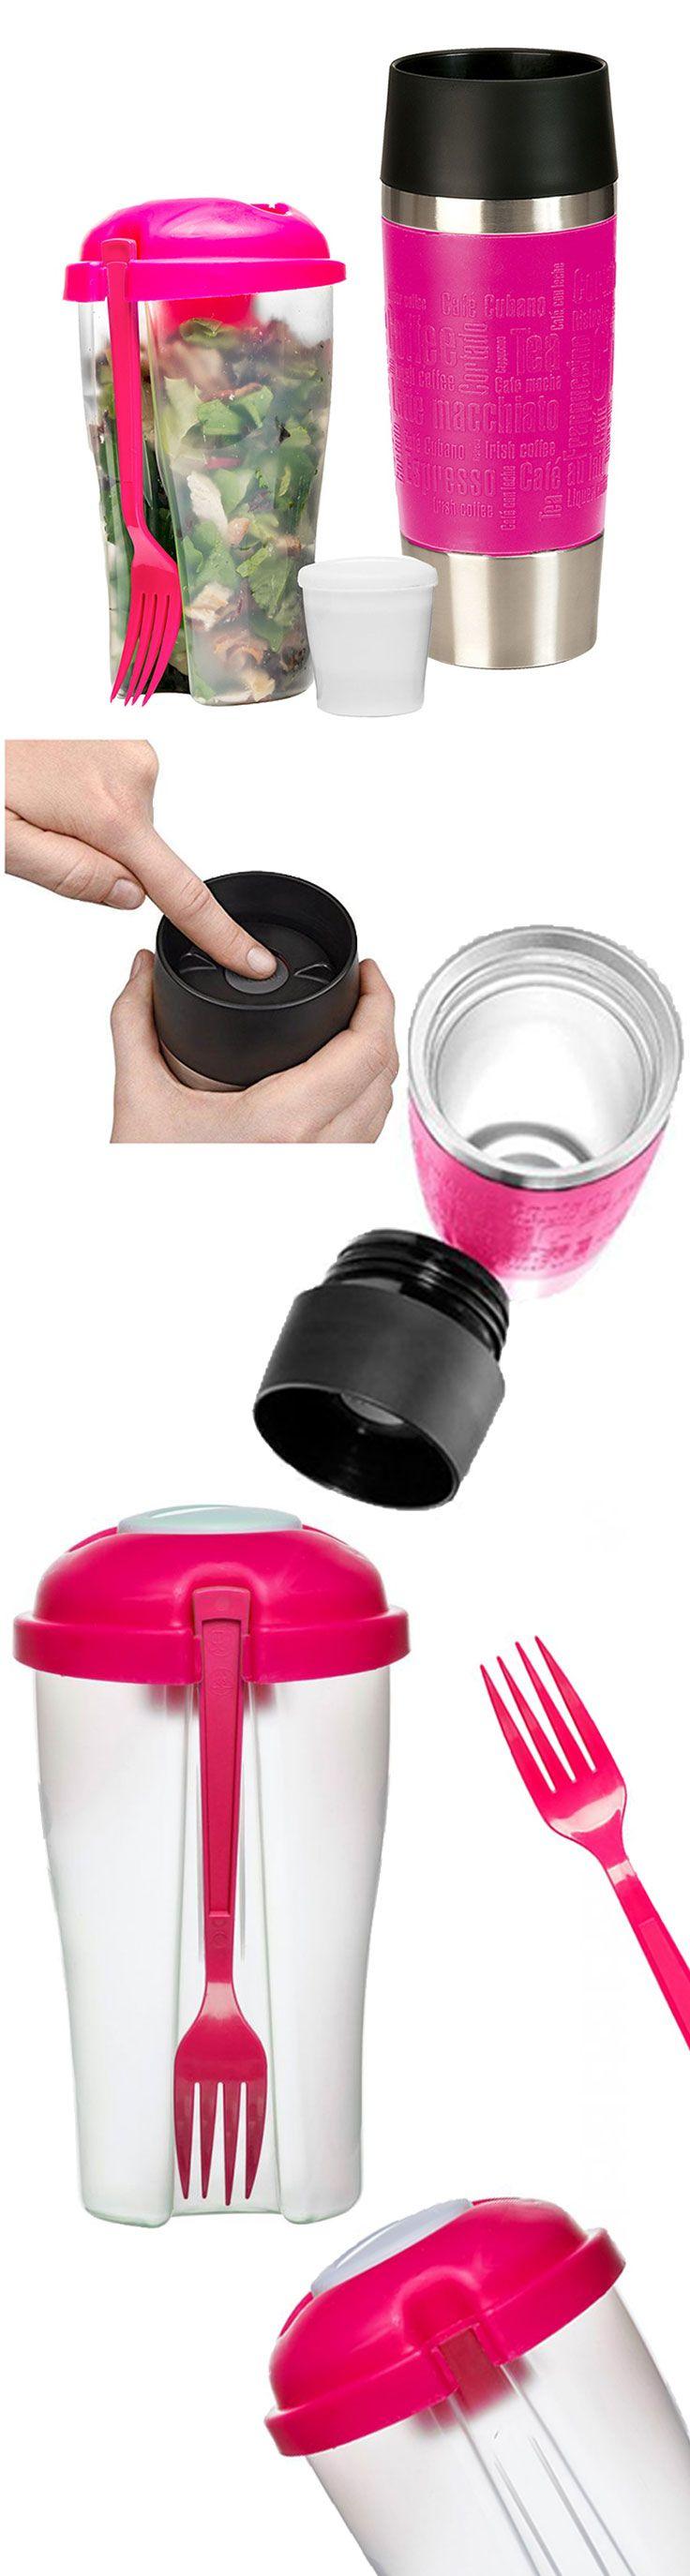 Stylový dárkový set obsahuje polypropylenový cestovní svačinový box s vidličkou a kvalitní německý termohrnek Travel Mug